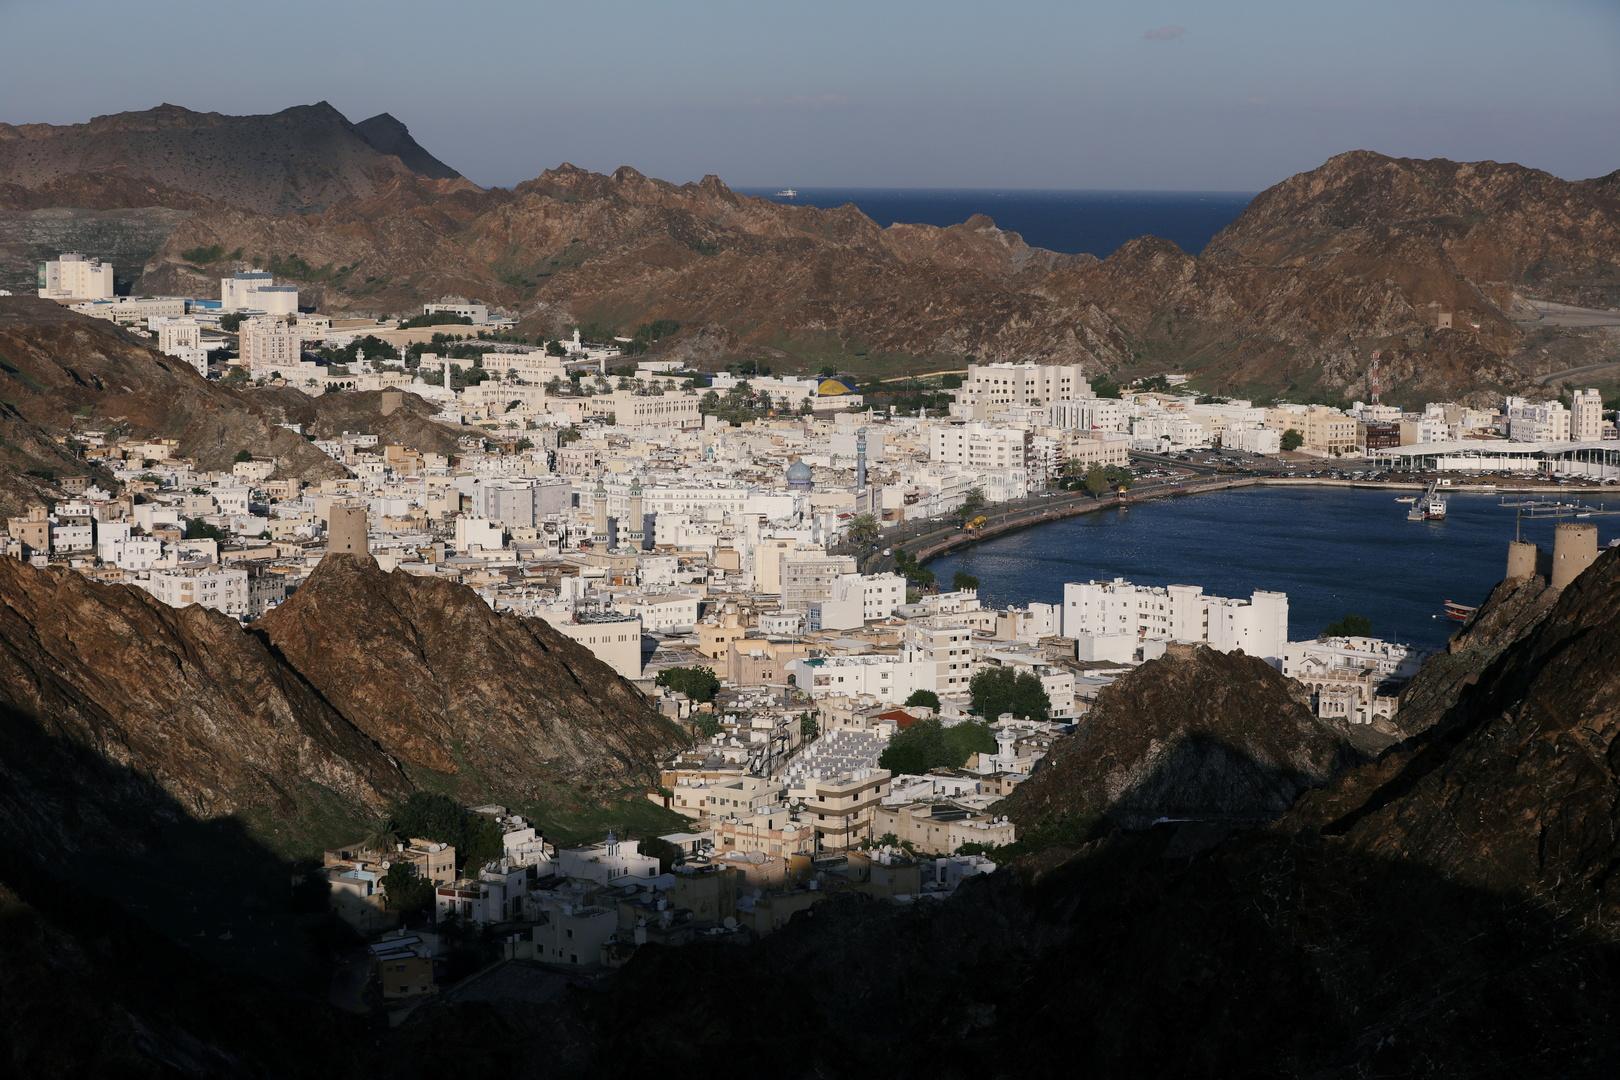 سلطنة عمان تصادق على الاستخدام الطارئ للقاح